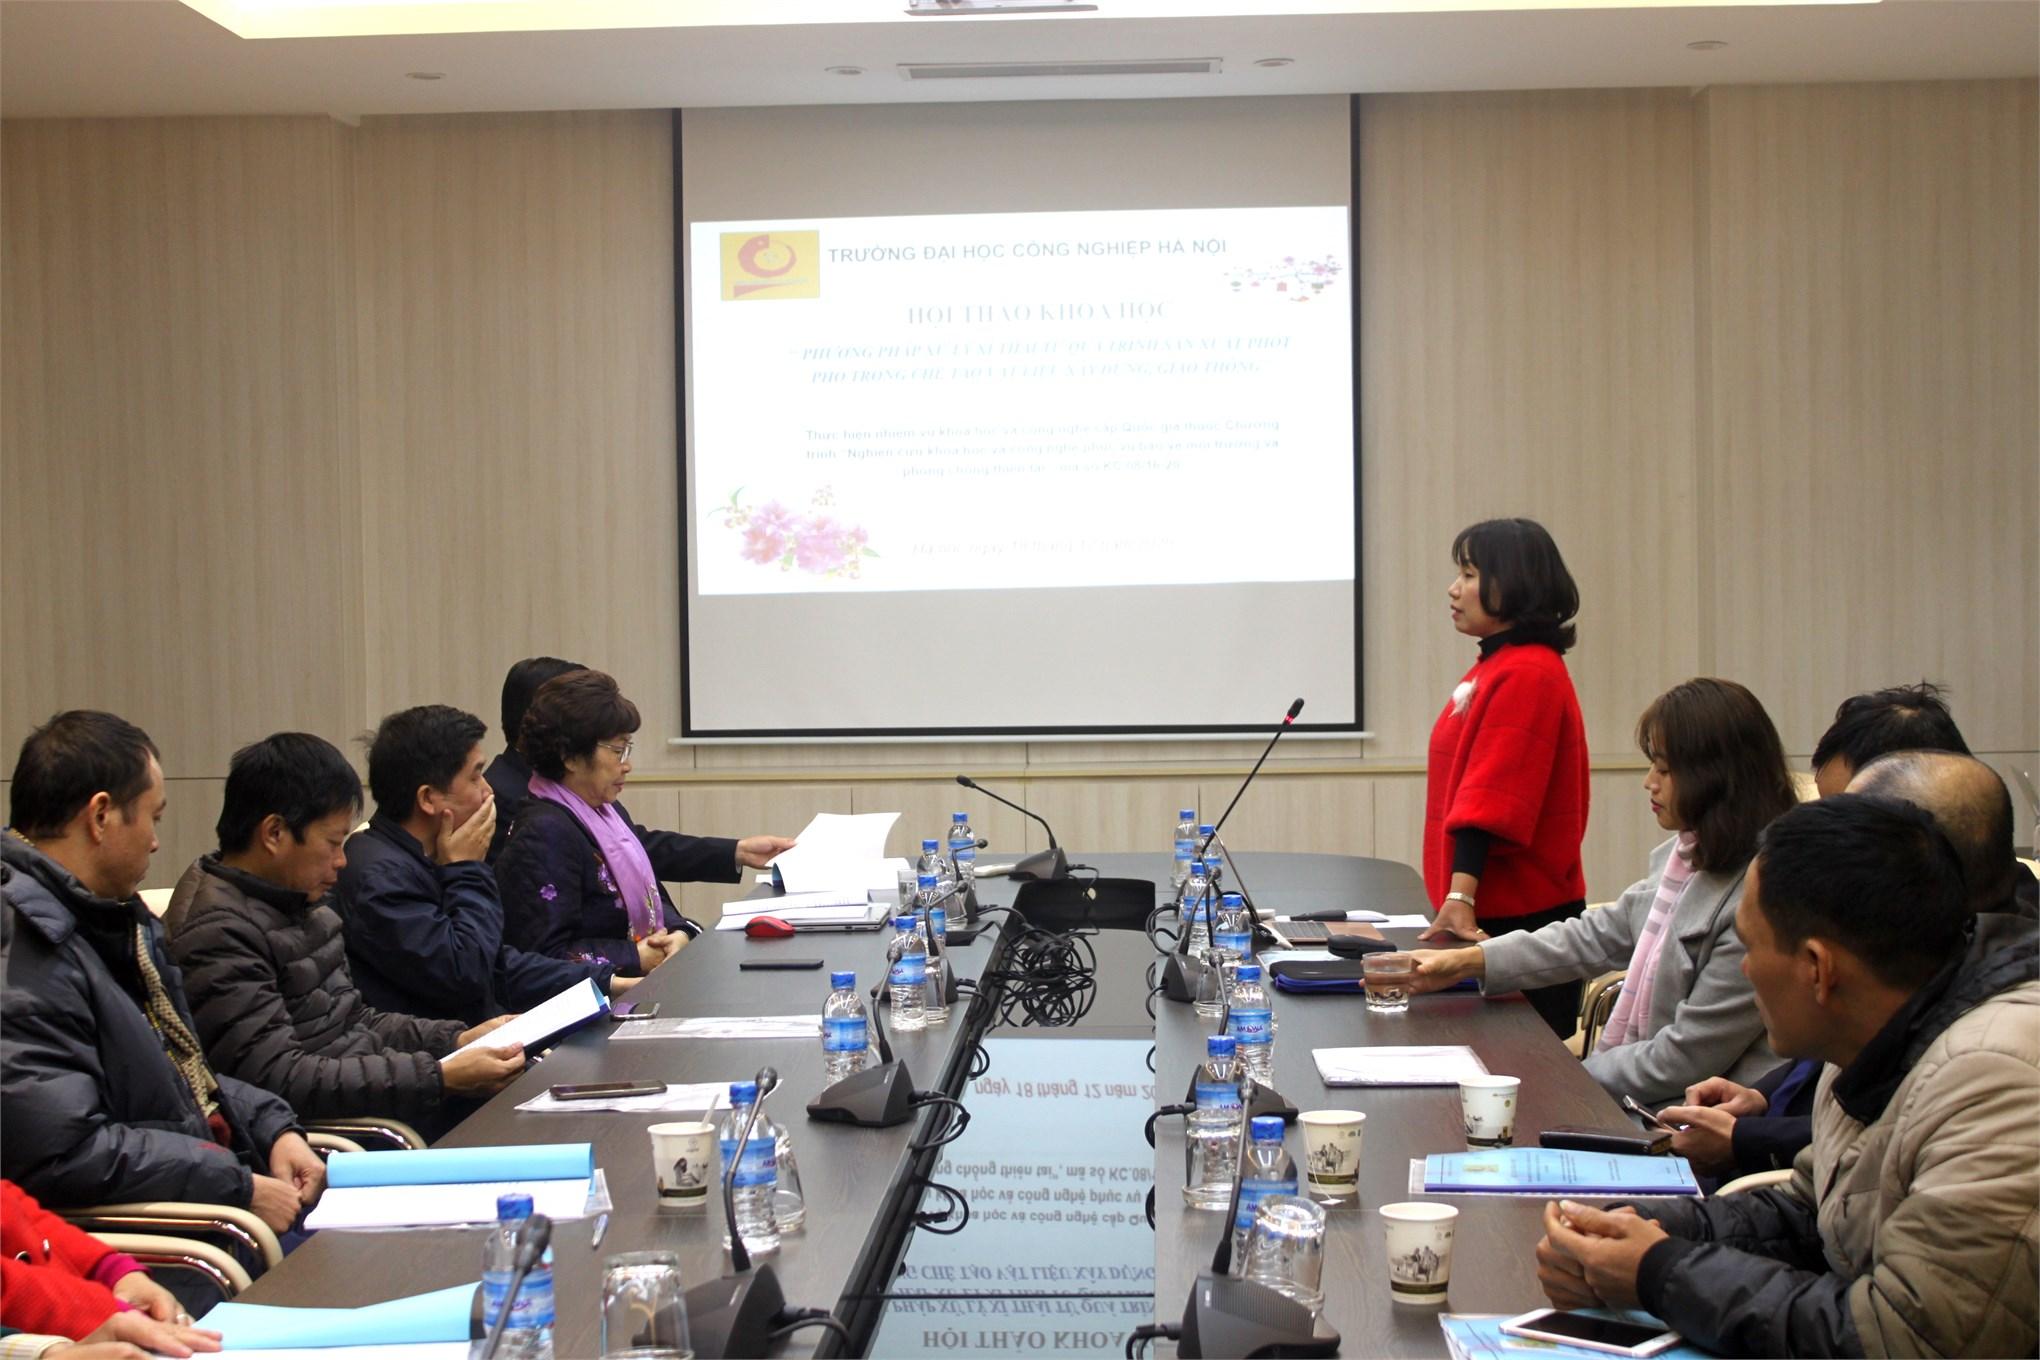 Nghiệm thu cấp cơ sở đề tài thuộc chương trình KC 08 do TS. Phạm Thị Mai Hương chủ nhiệm